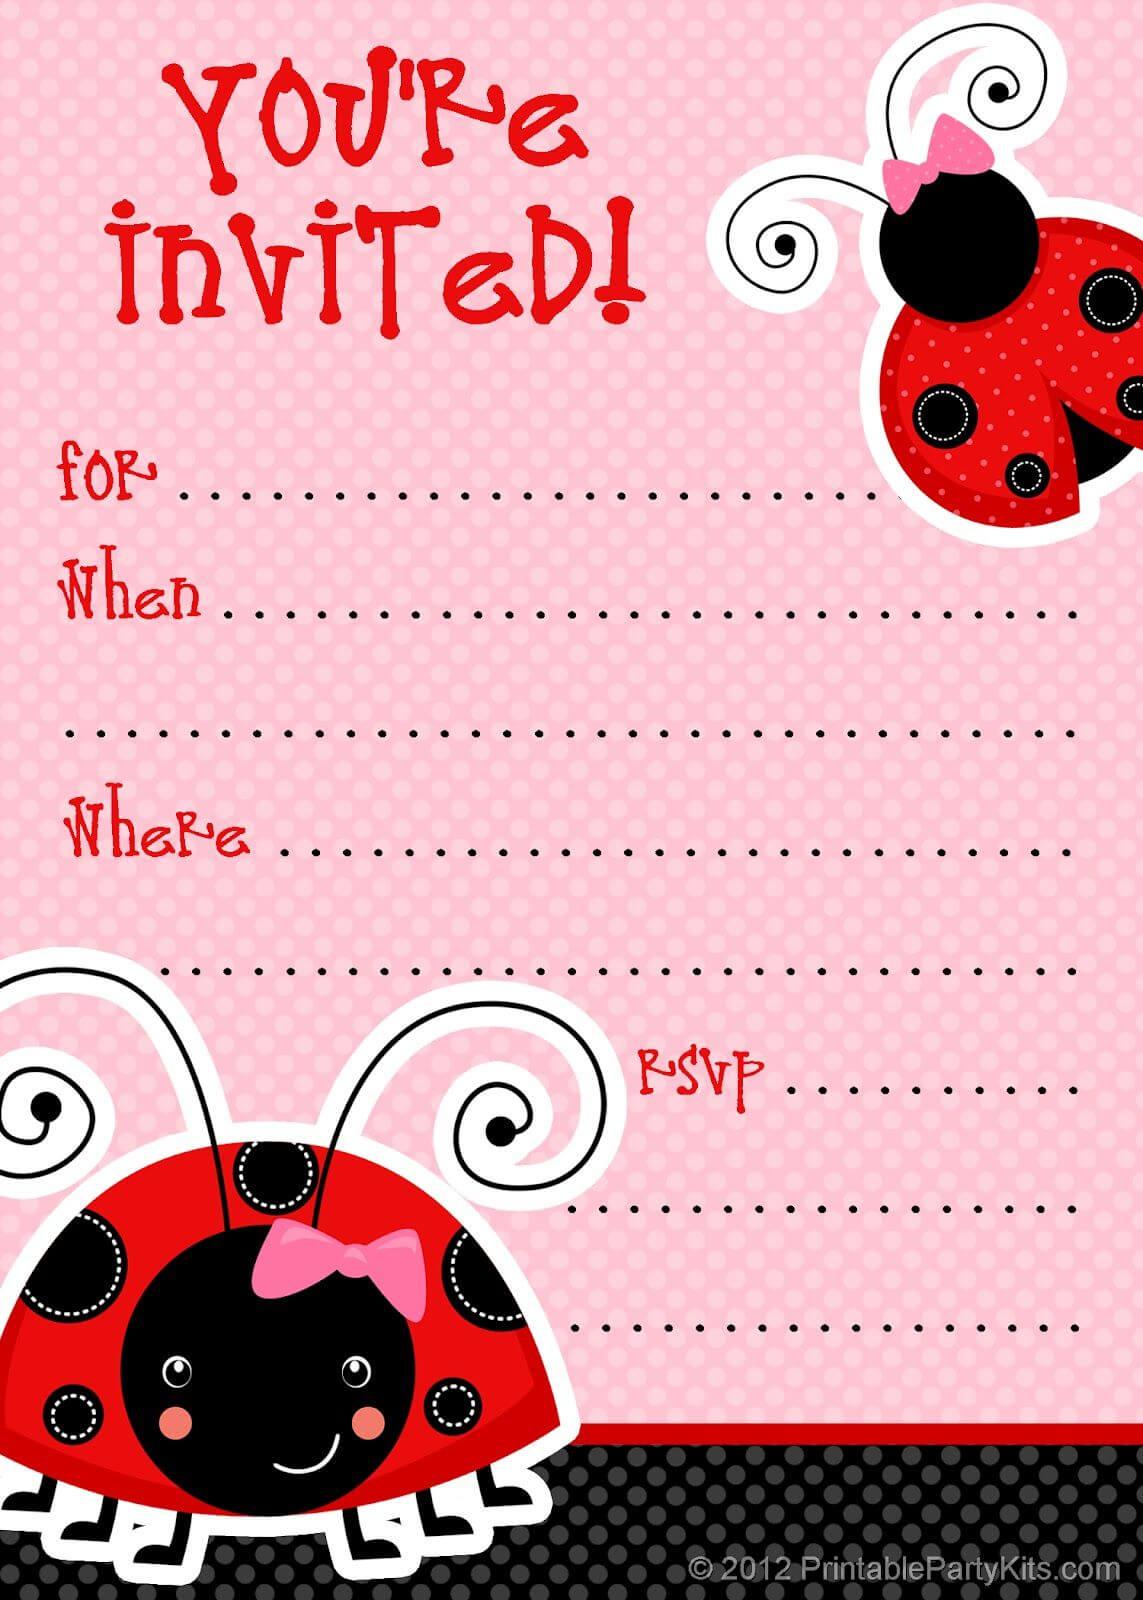 1) Free Printable Ladybug Invitation Blank Template. 2 Regarding Blank Ladybug Template